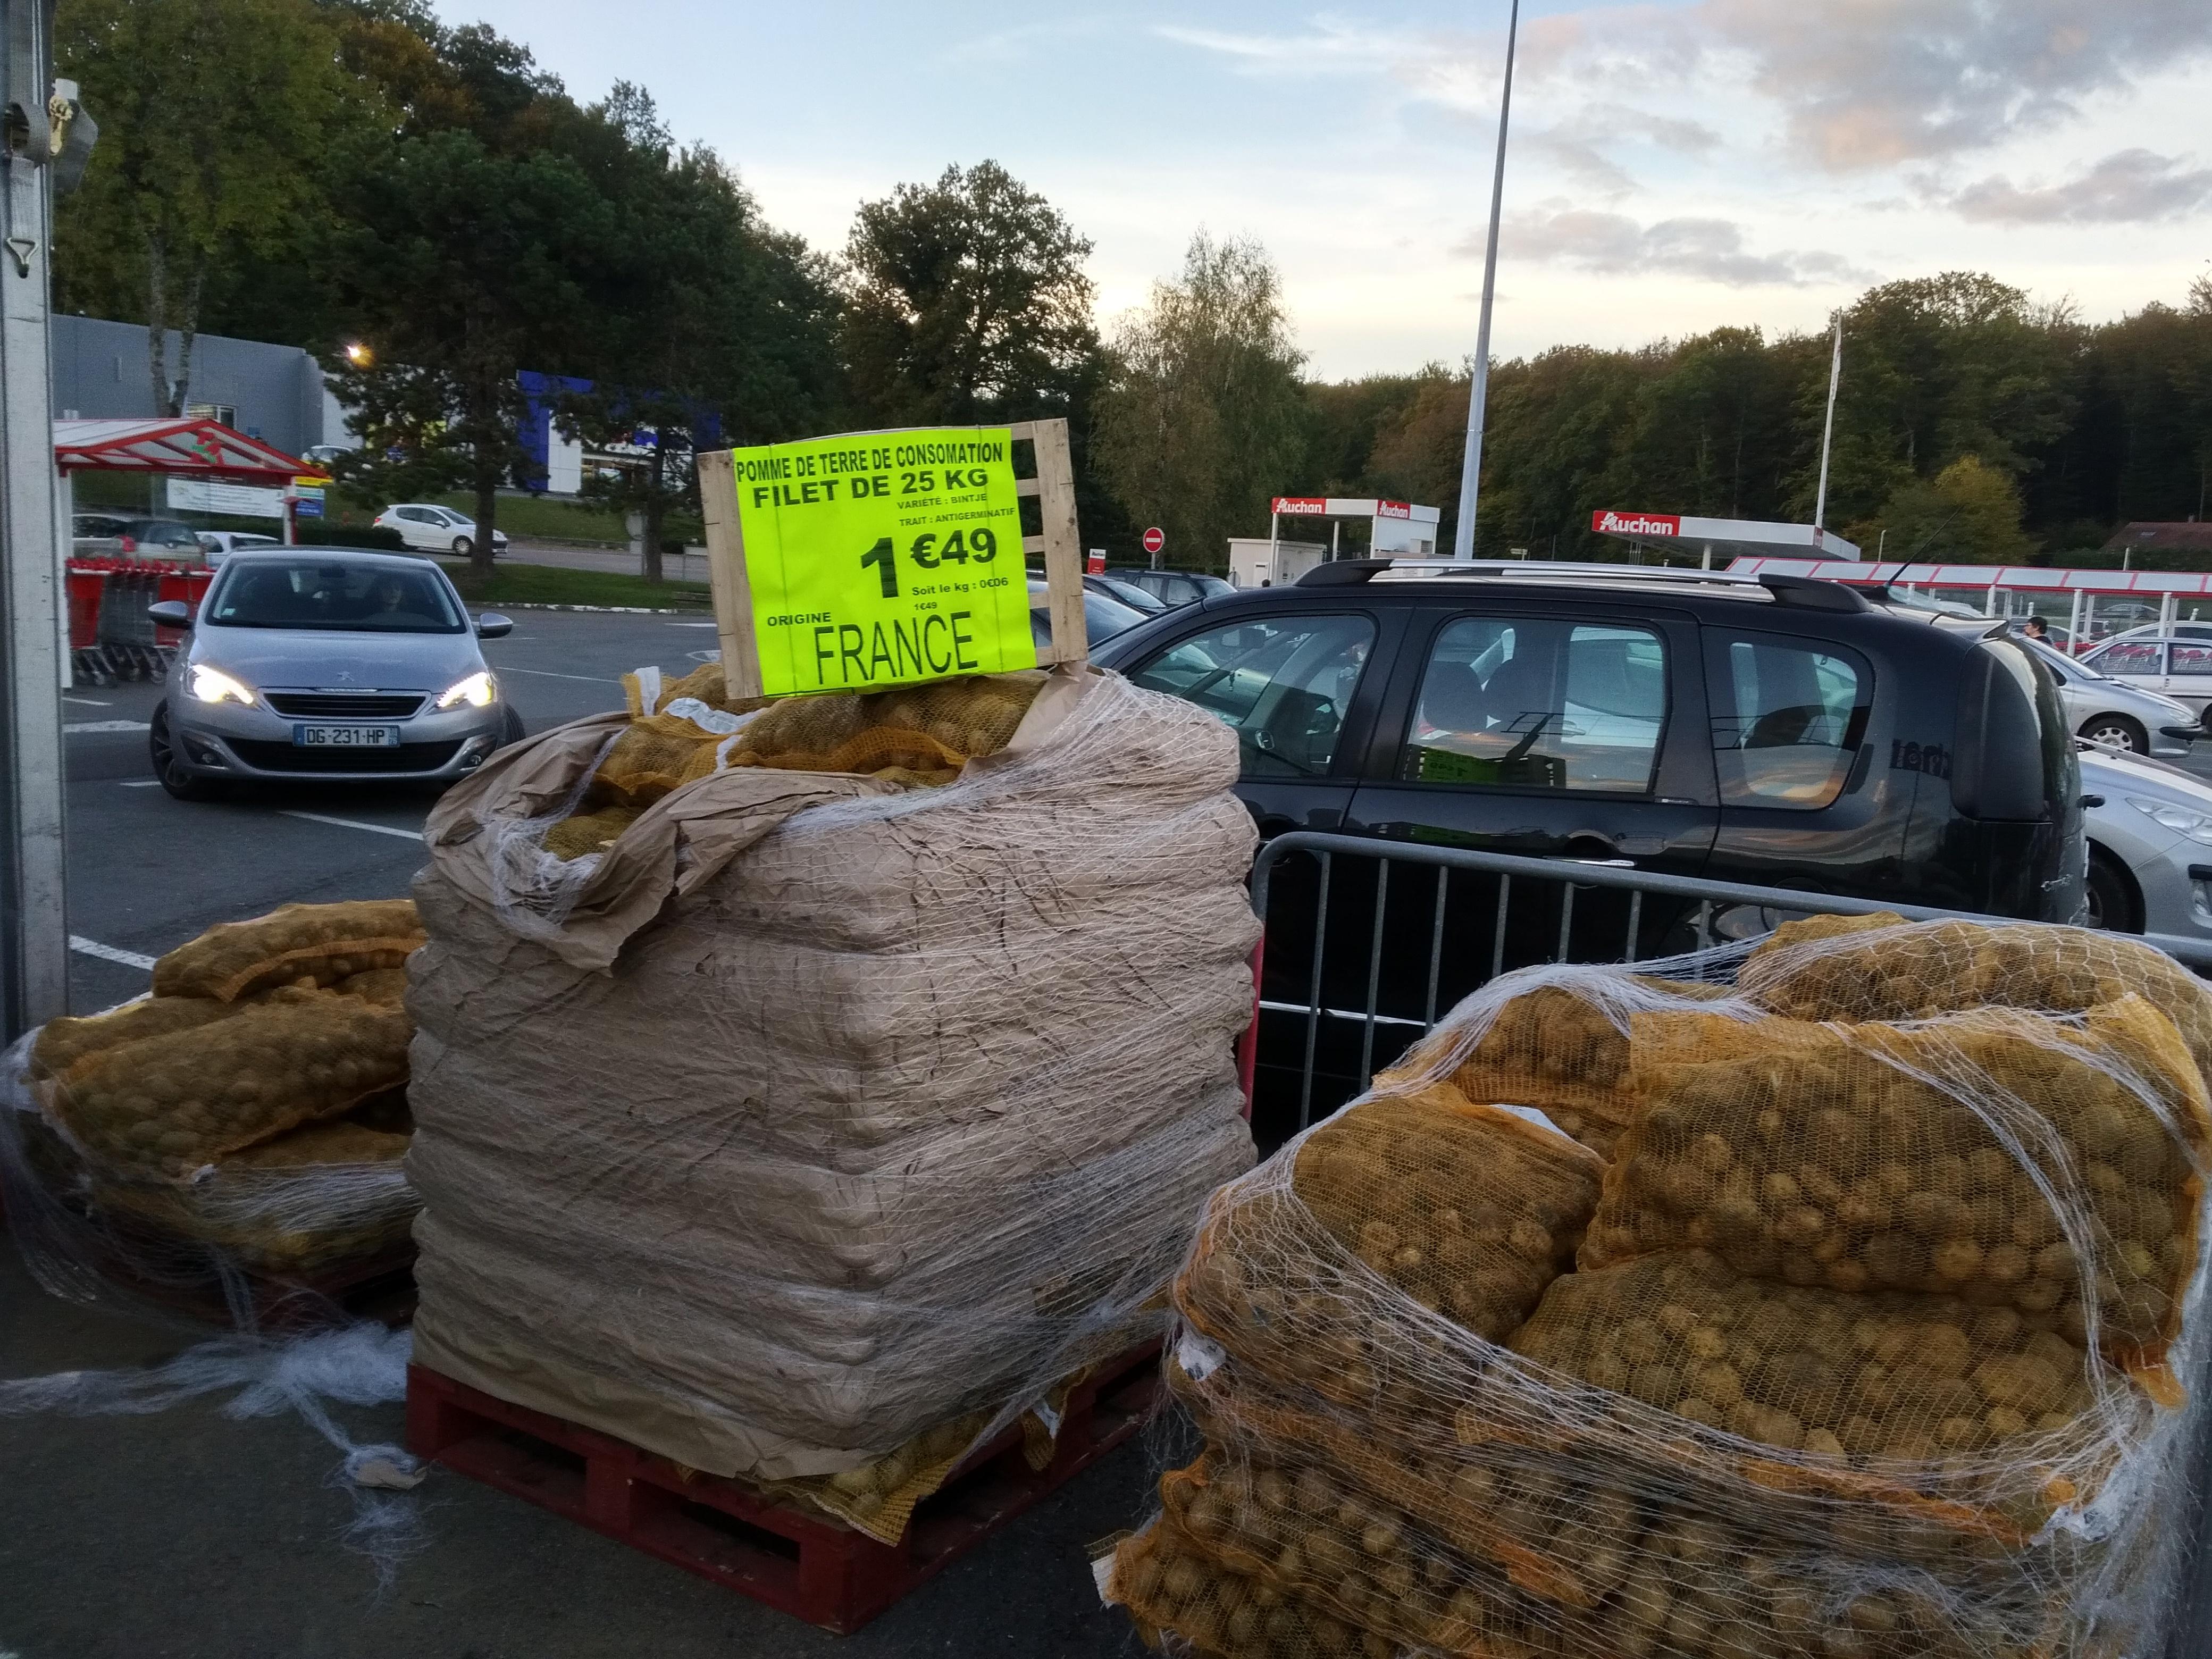 Sac de pommes de terre Bintje - Origine France, 25 kg chez Auchan Luxeuil (70)